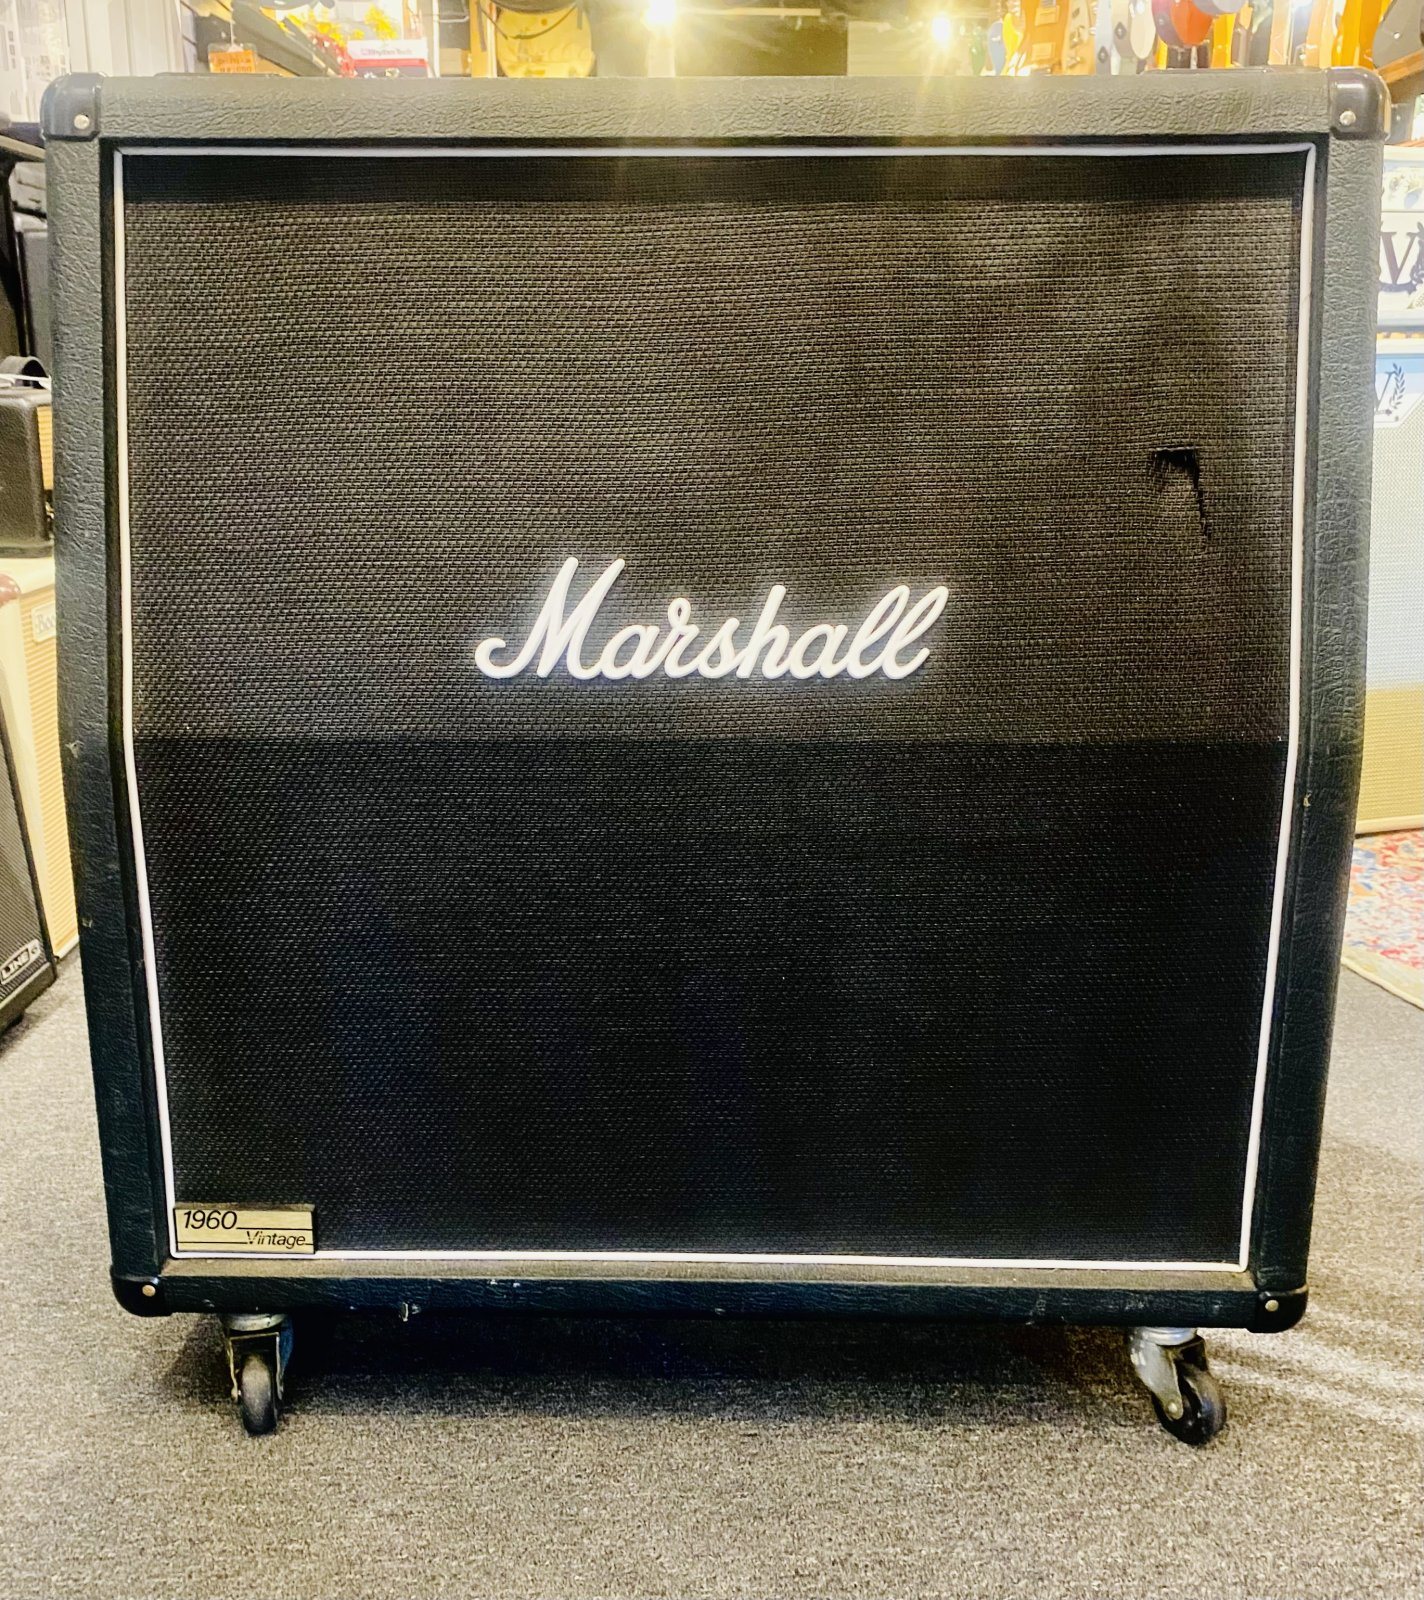 MARSHALL 1960AV 280 WATT 4X12 ANGLED EXTENTION GUITAR CABNIT